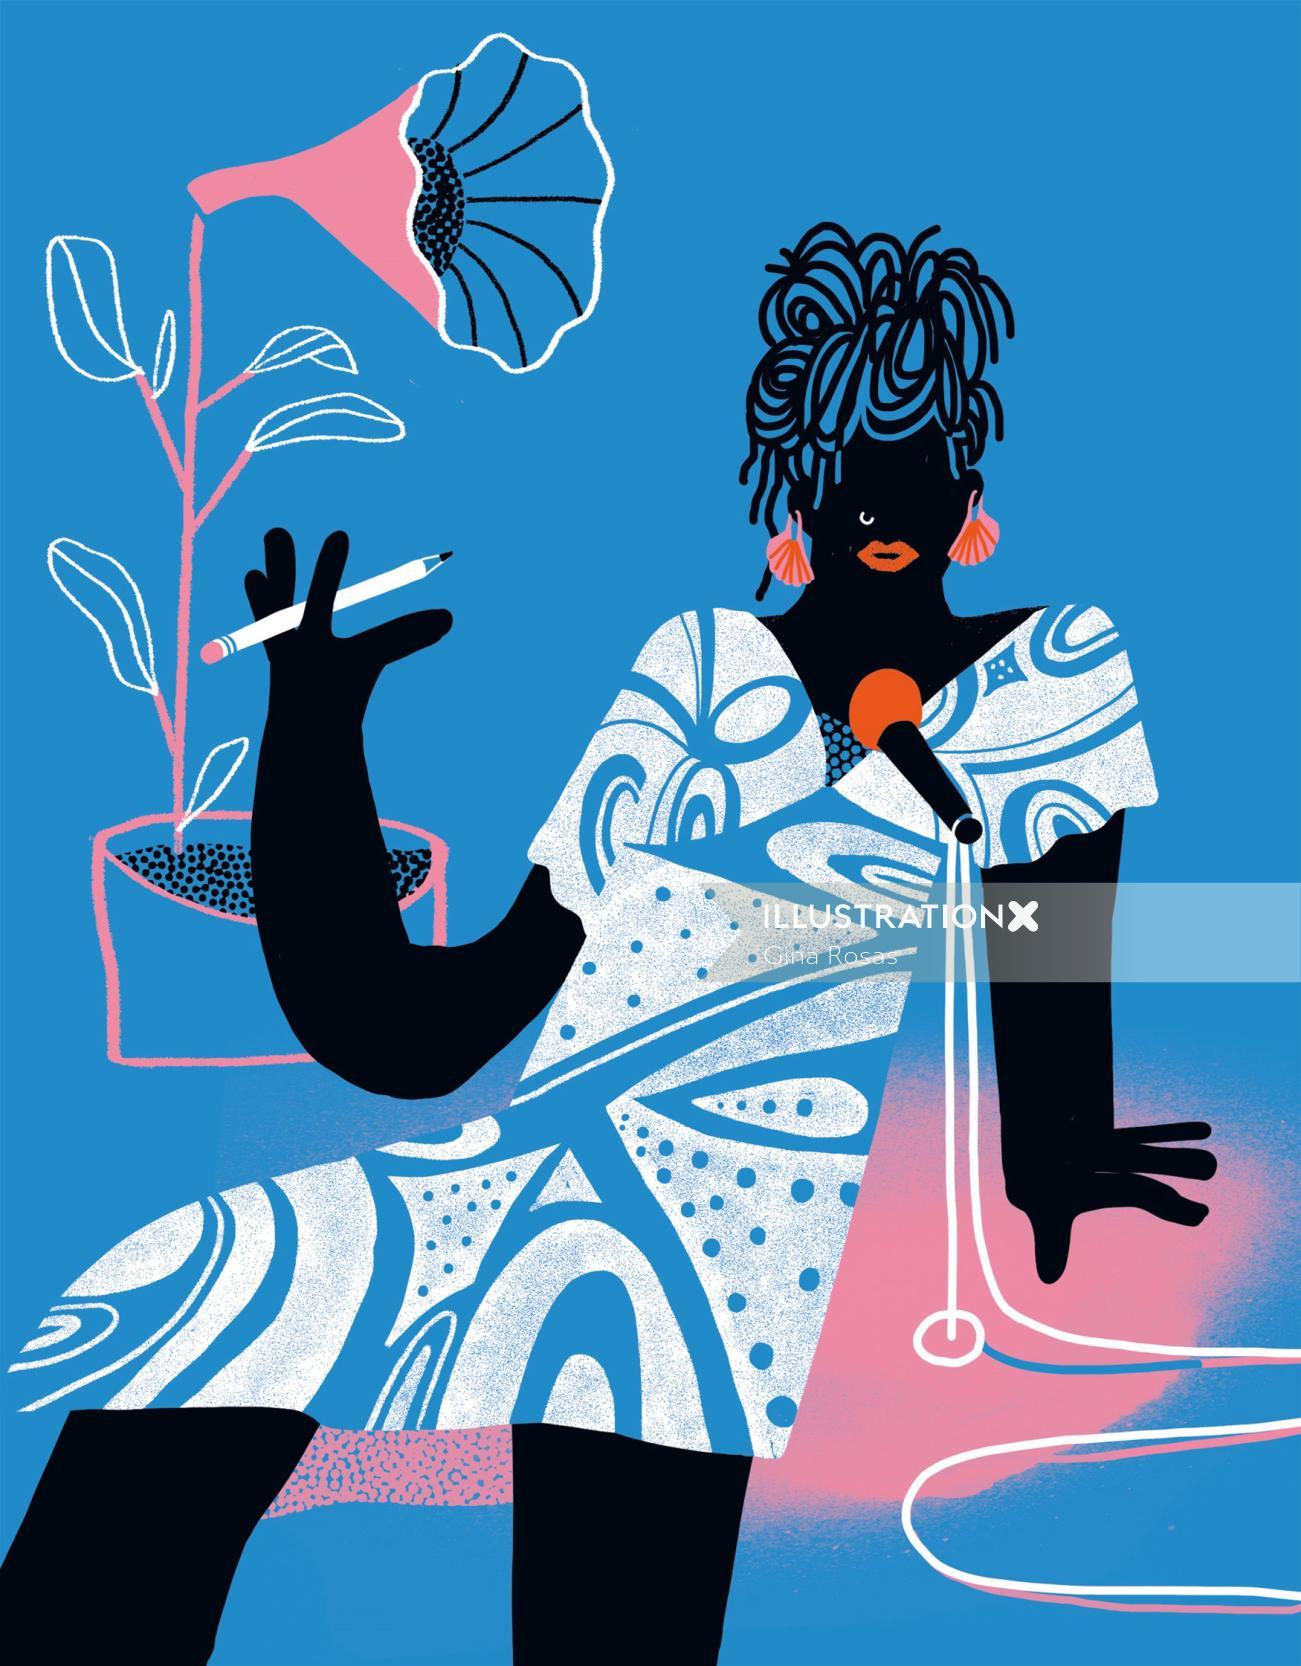 Fashion illustration of Elsie Swann for female emcee